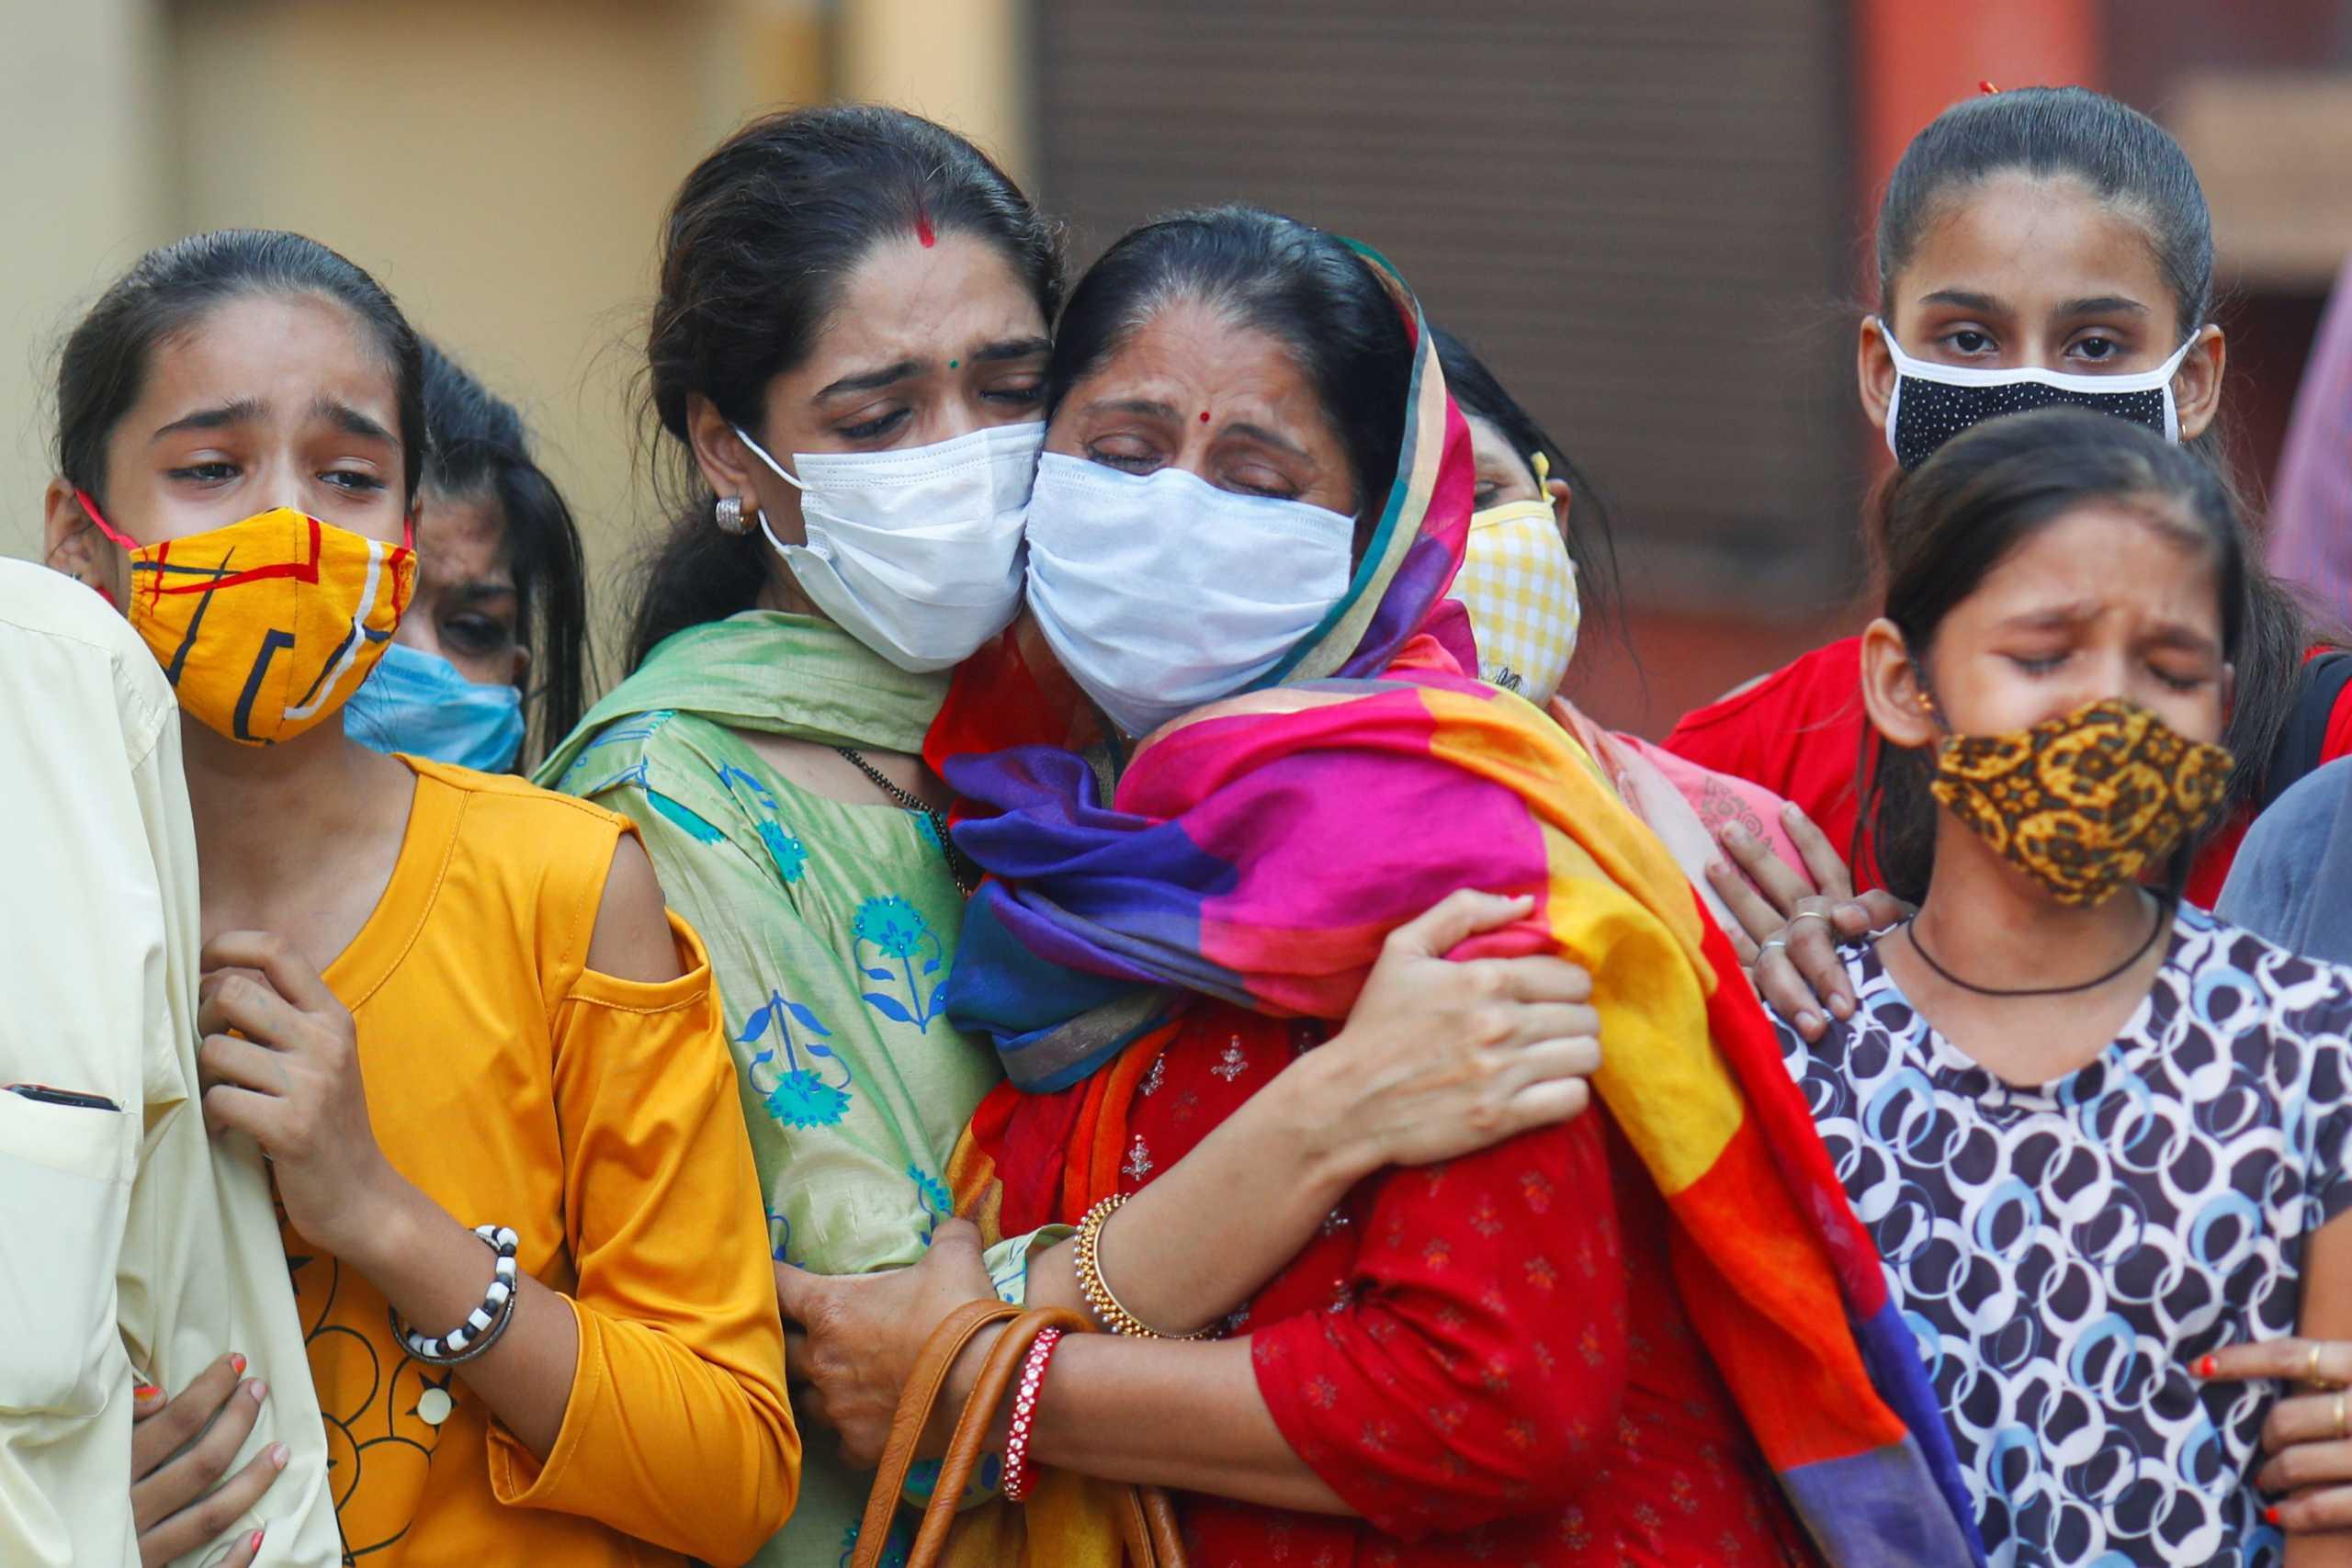 Οργή στην Ινδία: Πέθανε η 19χρονη που βιάστηκε ομαδικά – Διαδηλώσεις έξω από το νοσοκομείο